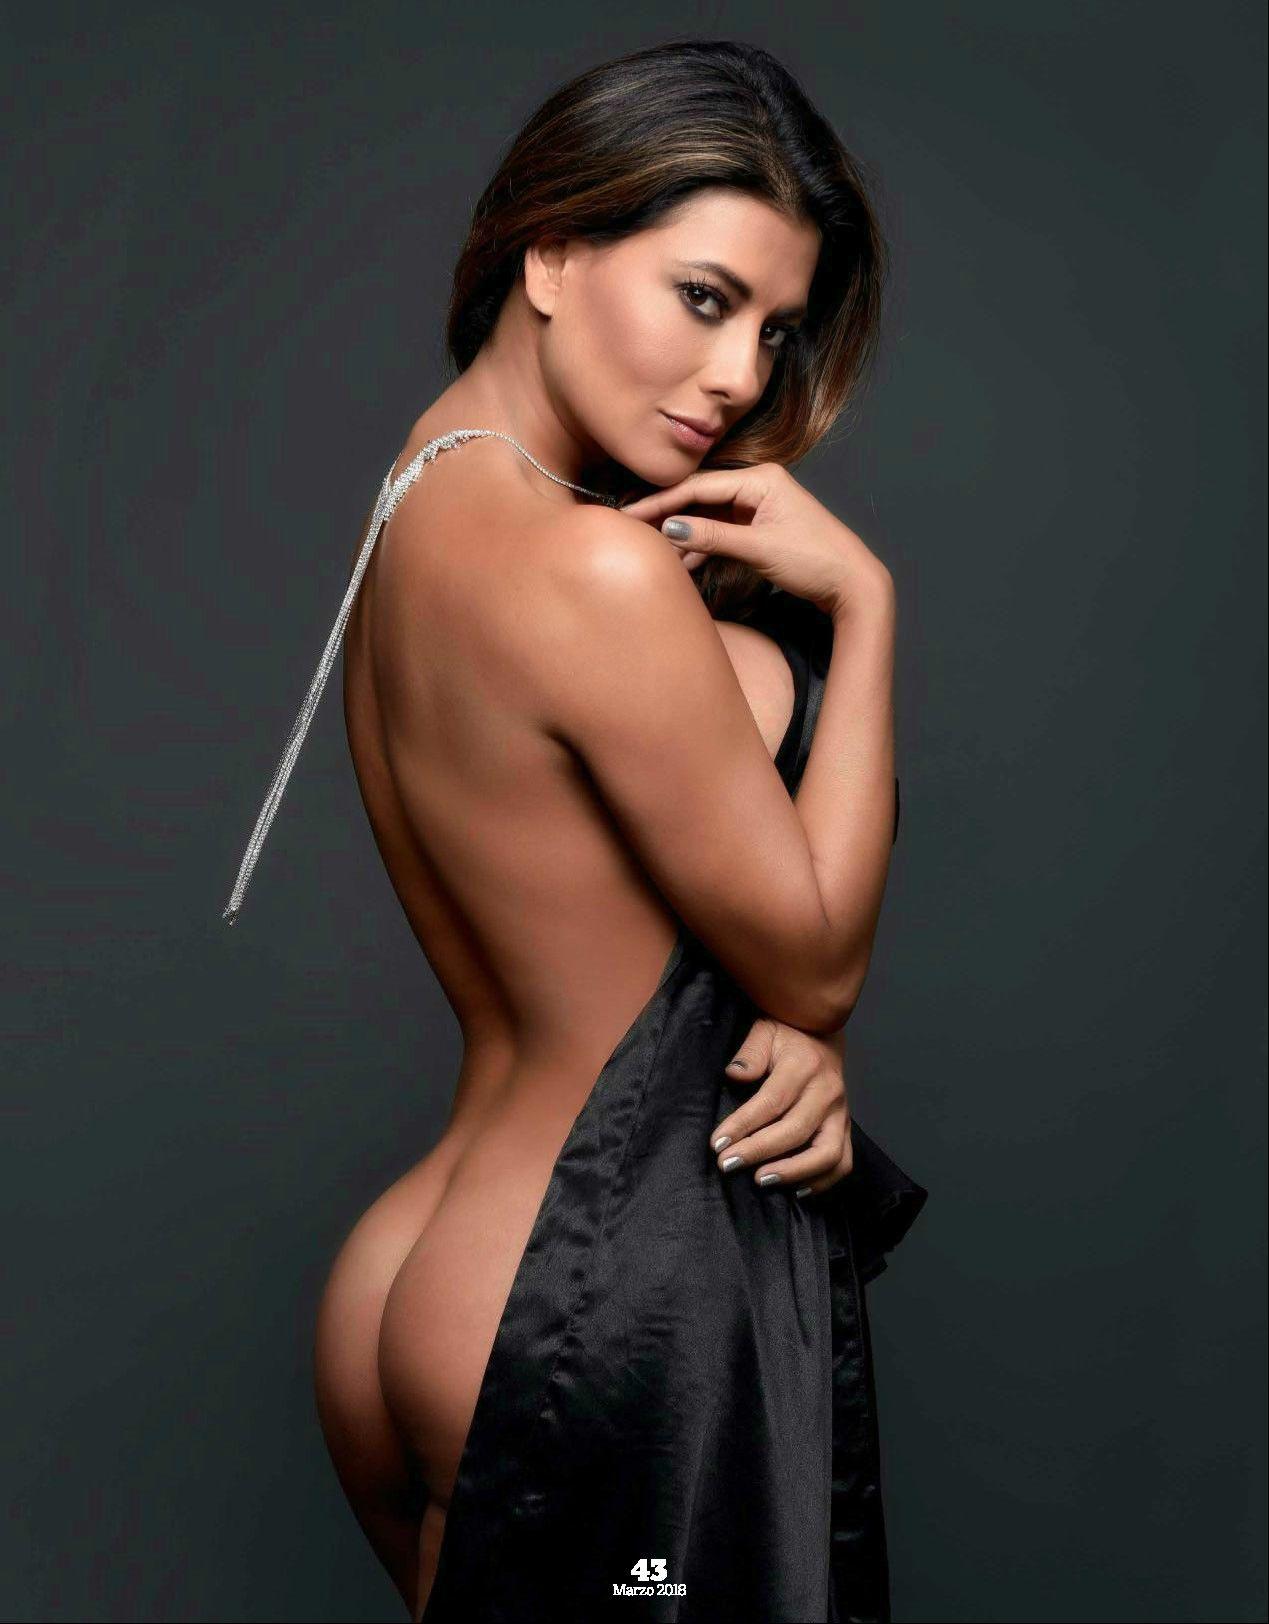 Colombian nude modeller